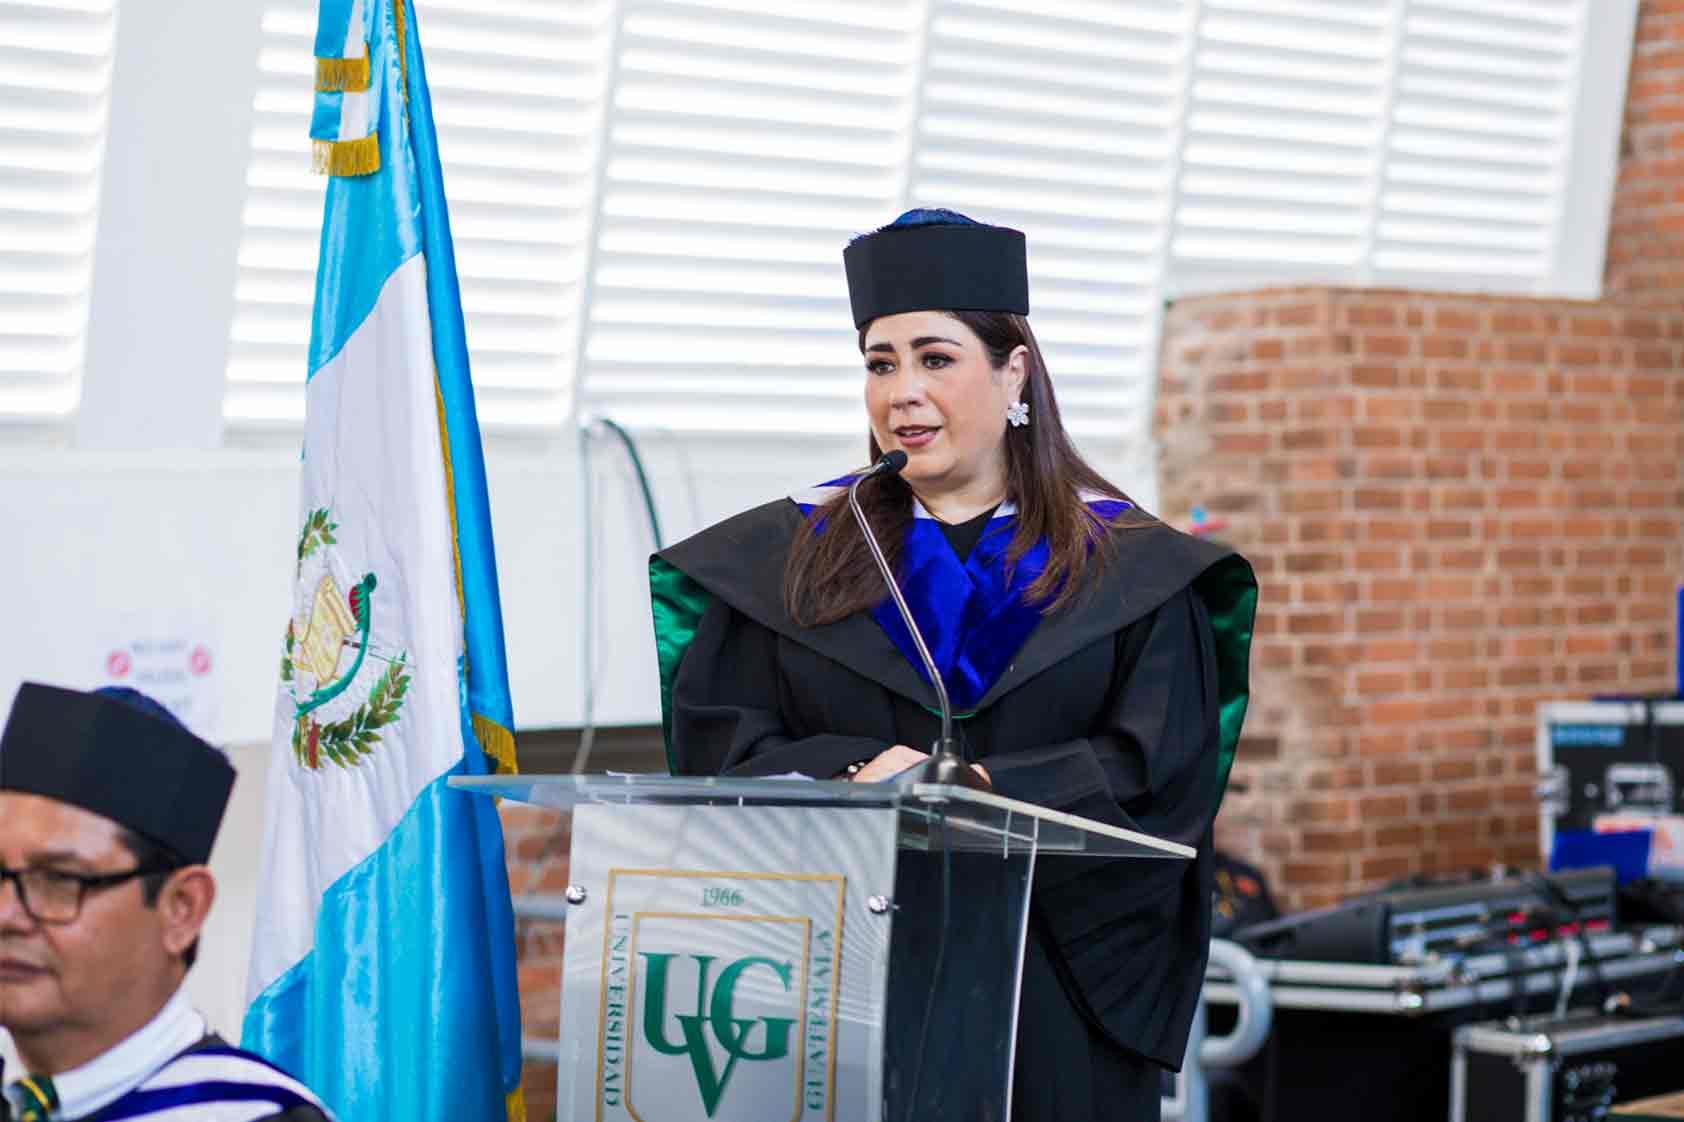 ¡Llegamos a la meta! <br> Graduaciones UVG 2019